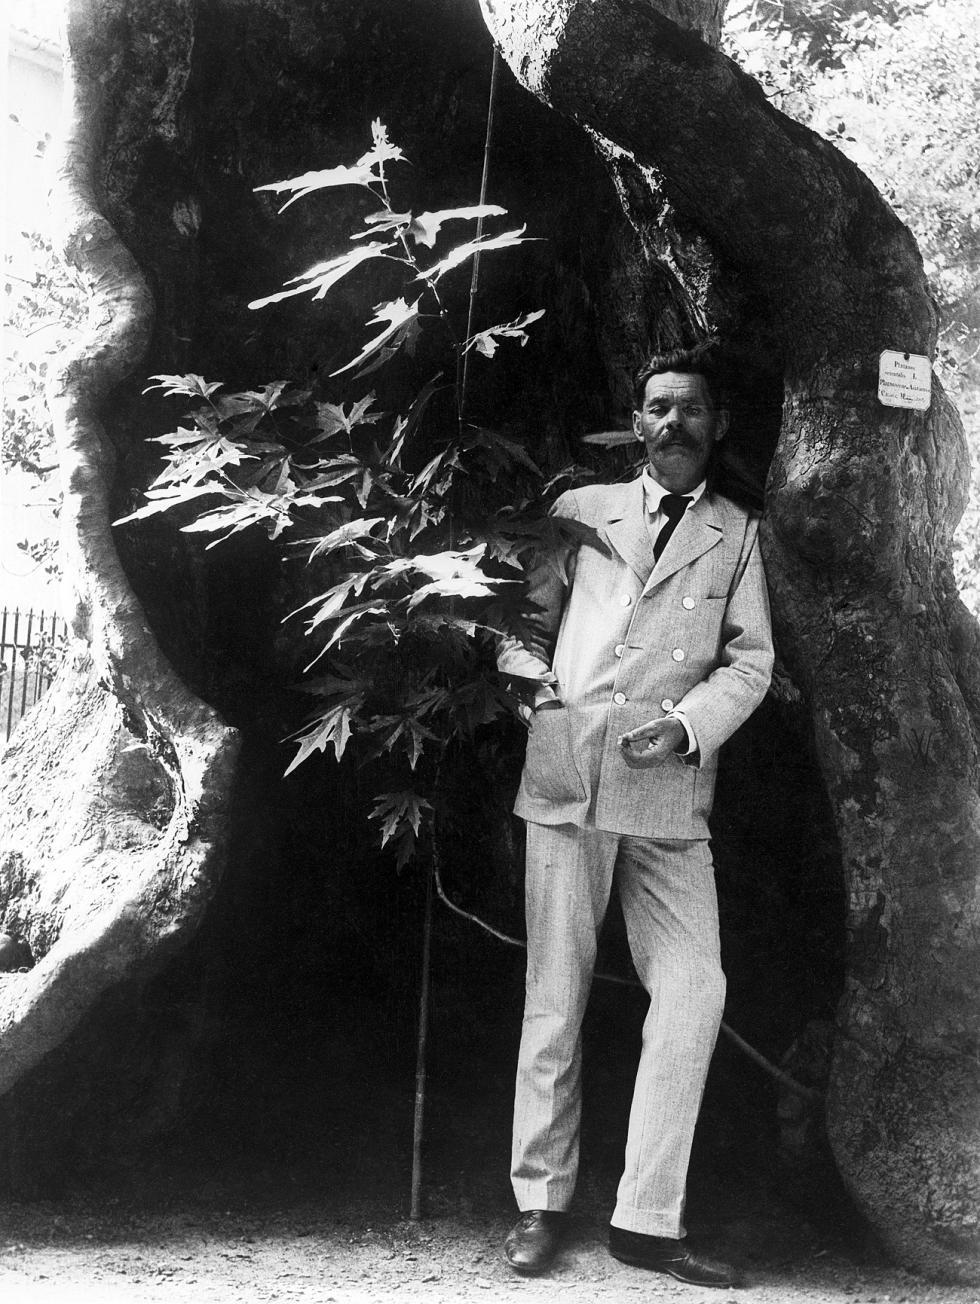 高尔基在意大利,1912年。图片来源:塔斯社